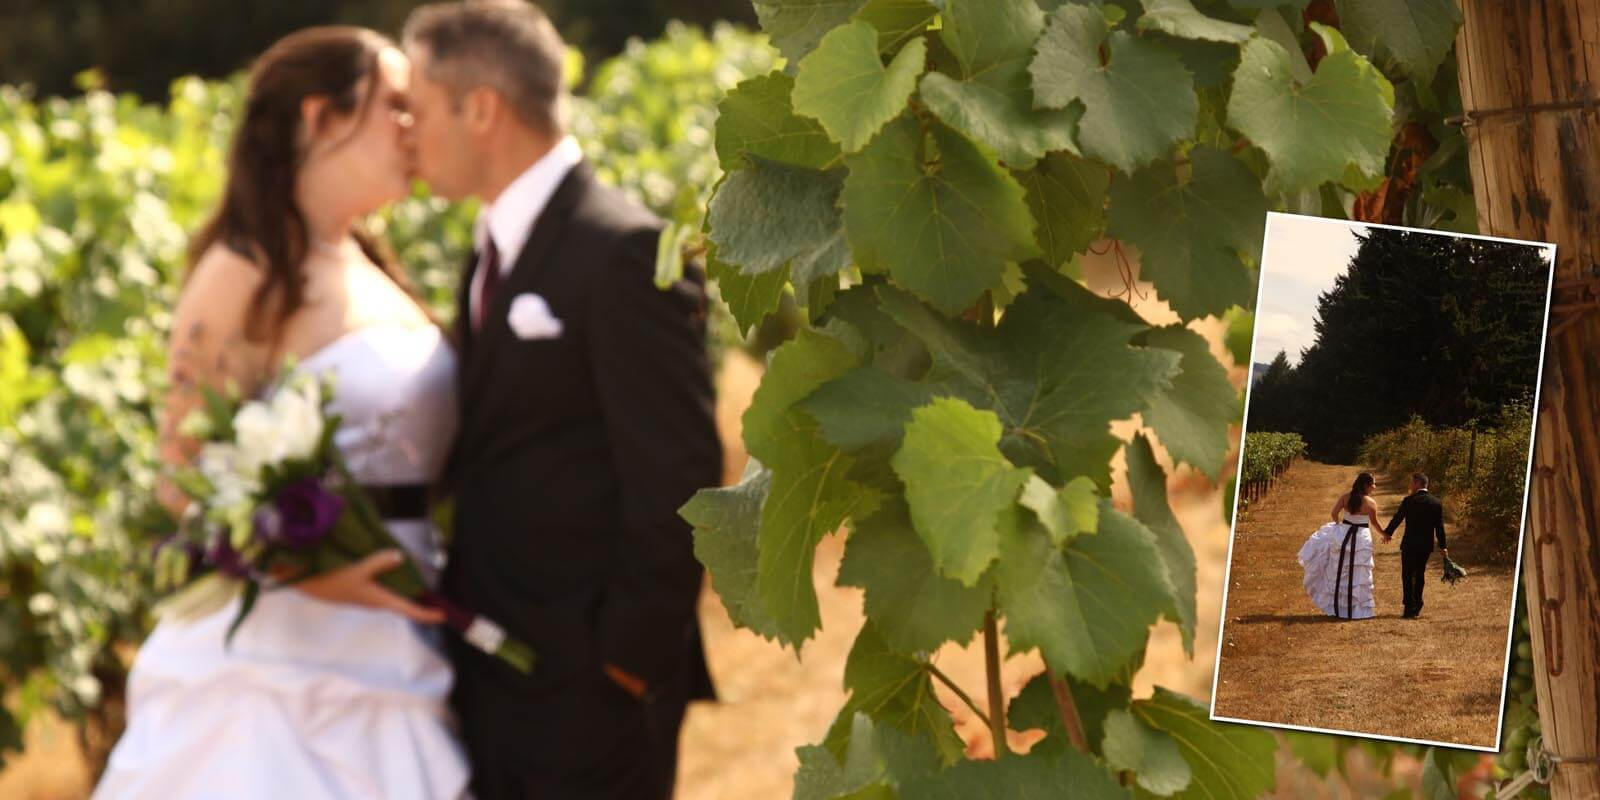 sweet-cheeks-winery-eugene-oregon-wedding-006-007-1.jpg